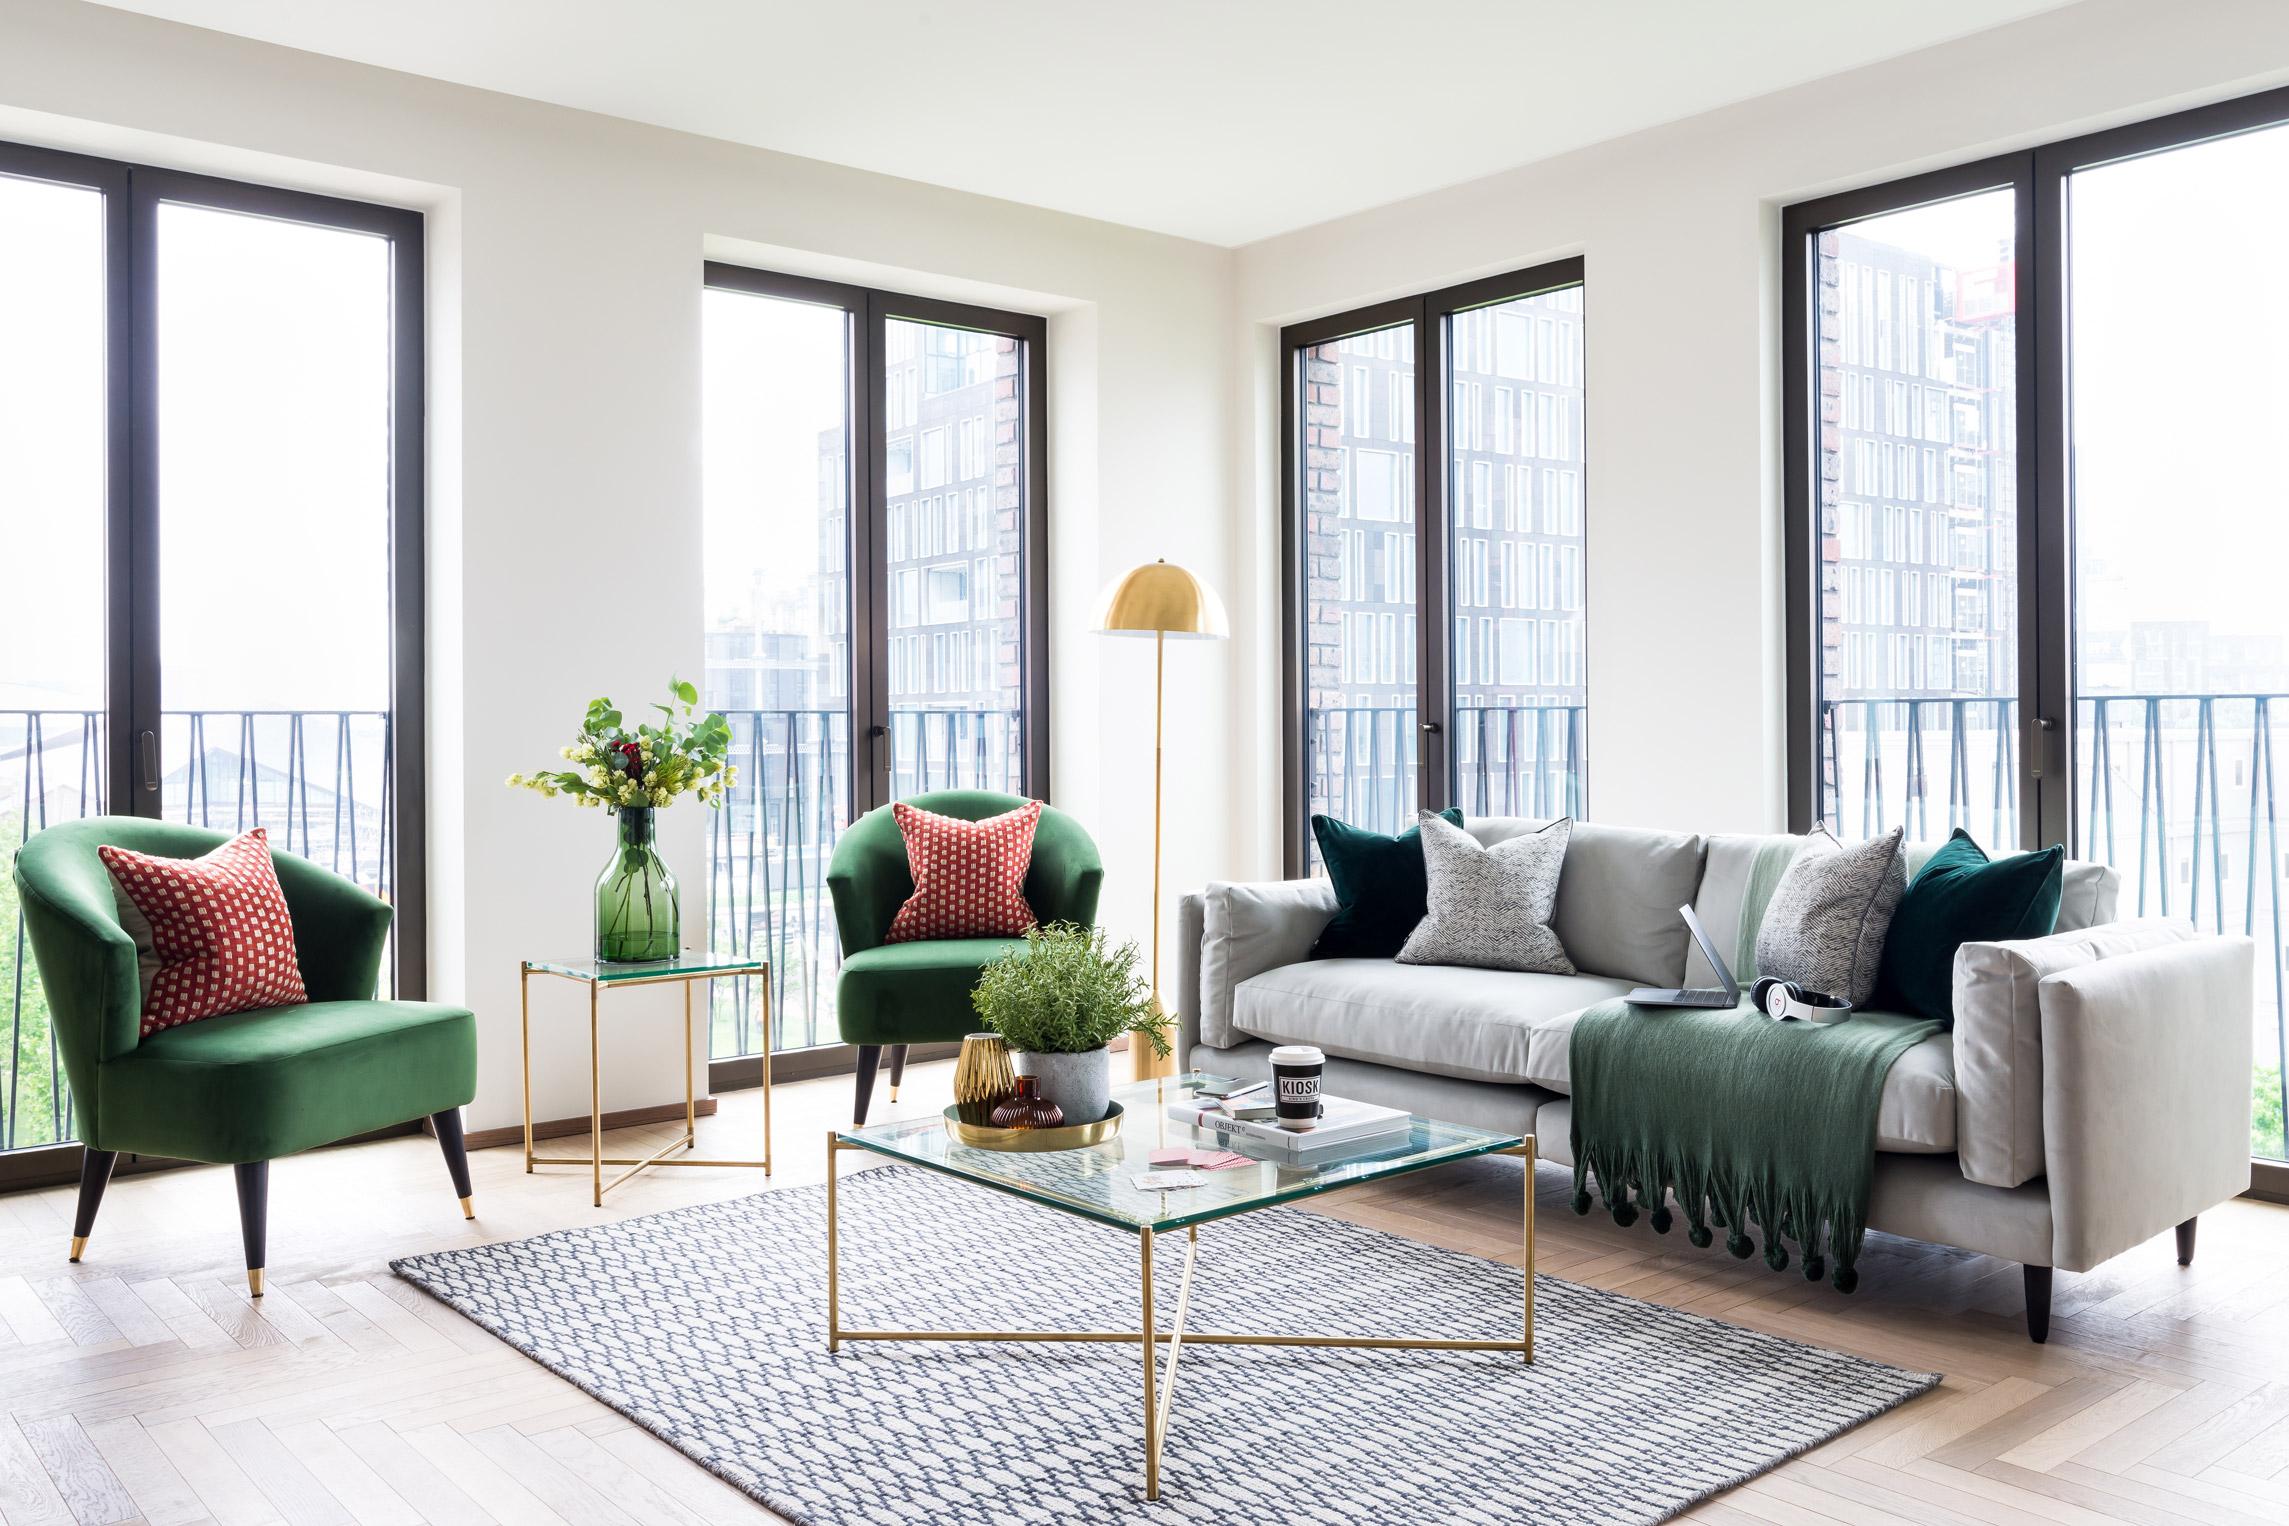 Fenman_House_01_Living_Room.jpg